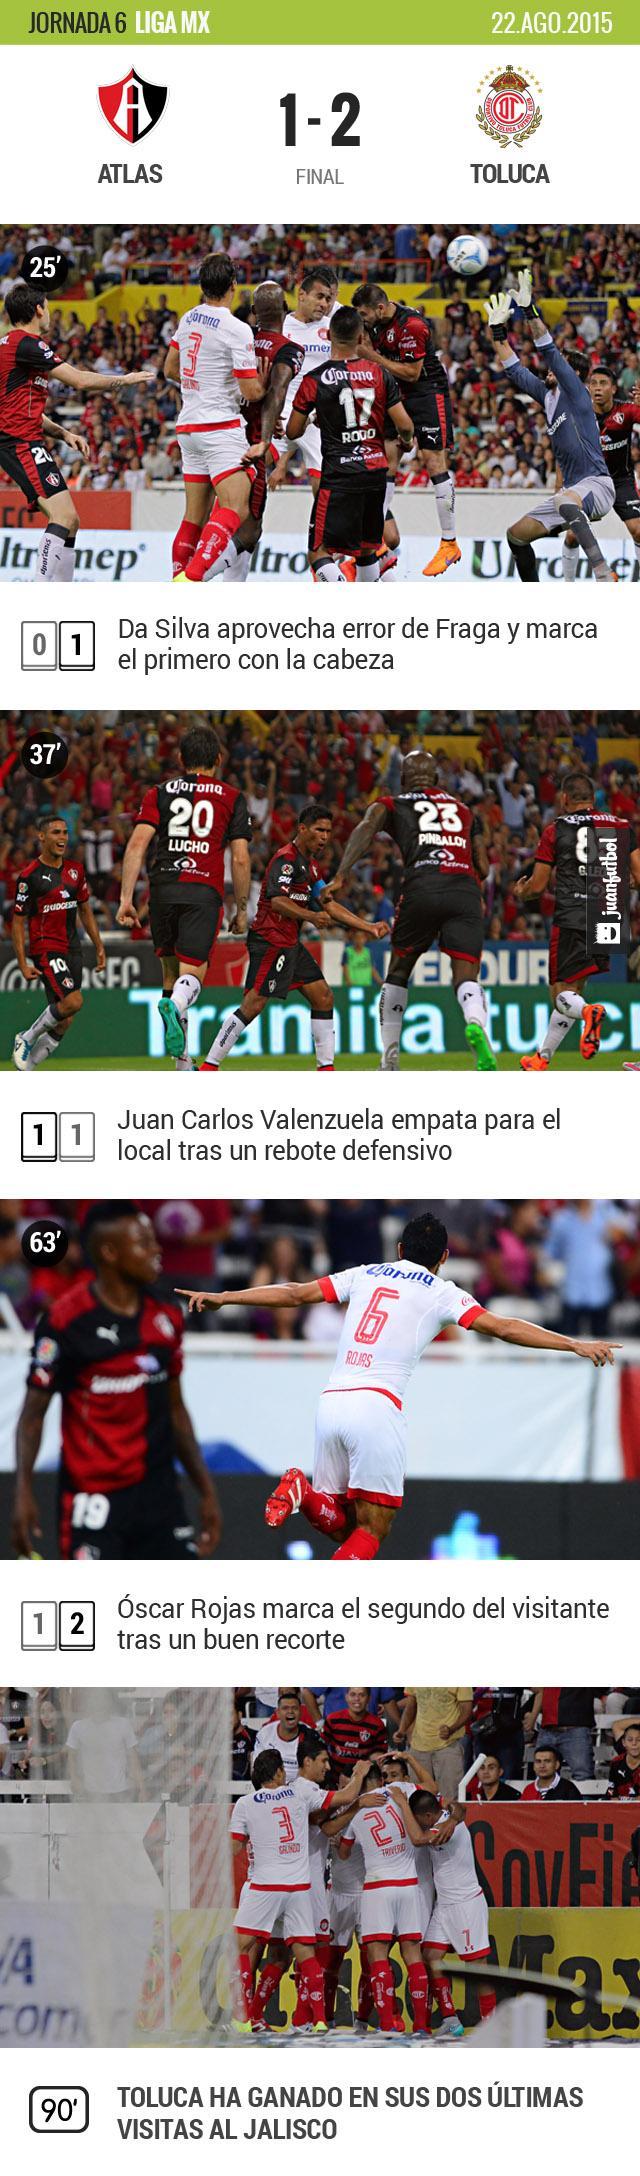 Toluca venció al Atlas en el Jalisco en un buen partido de futbol